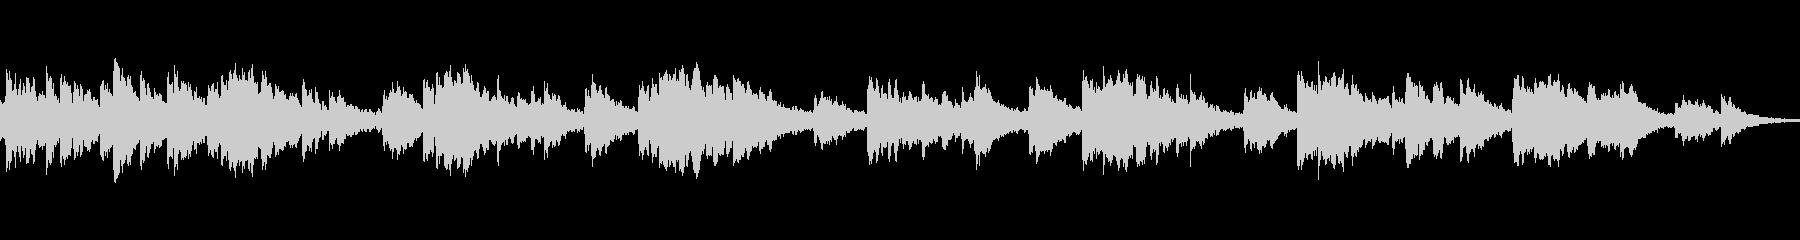 ひっそりした独特なメロディーの未再生の波形